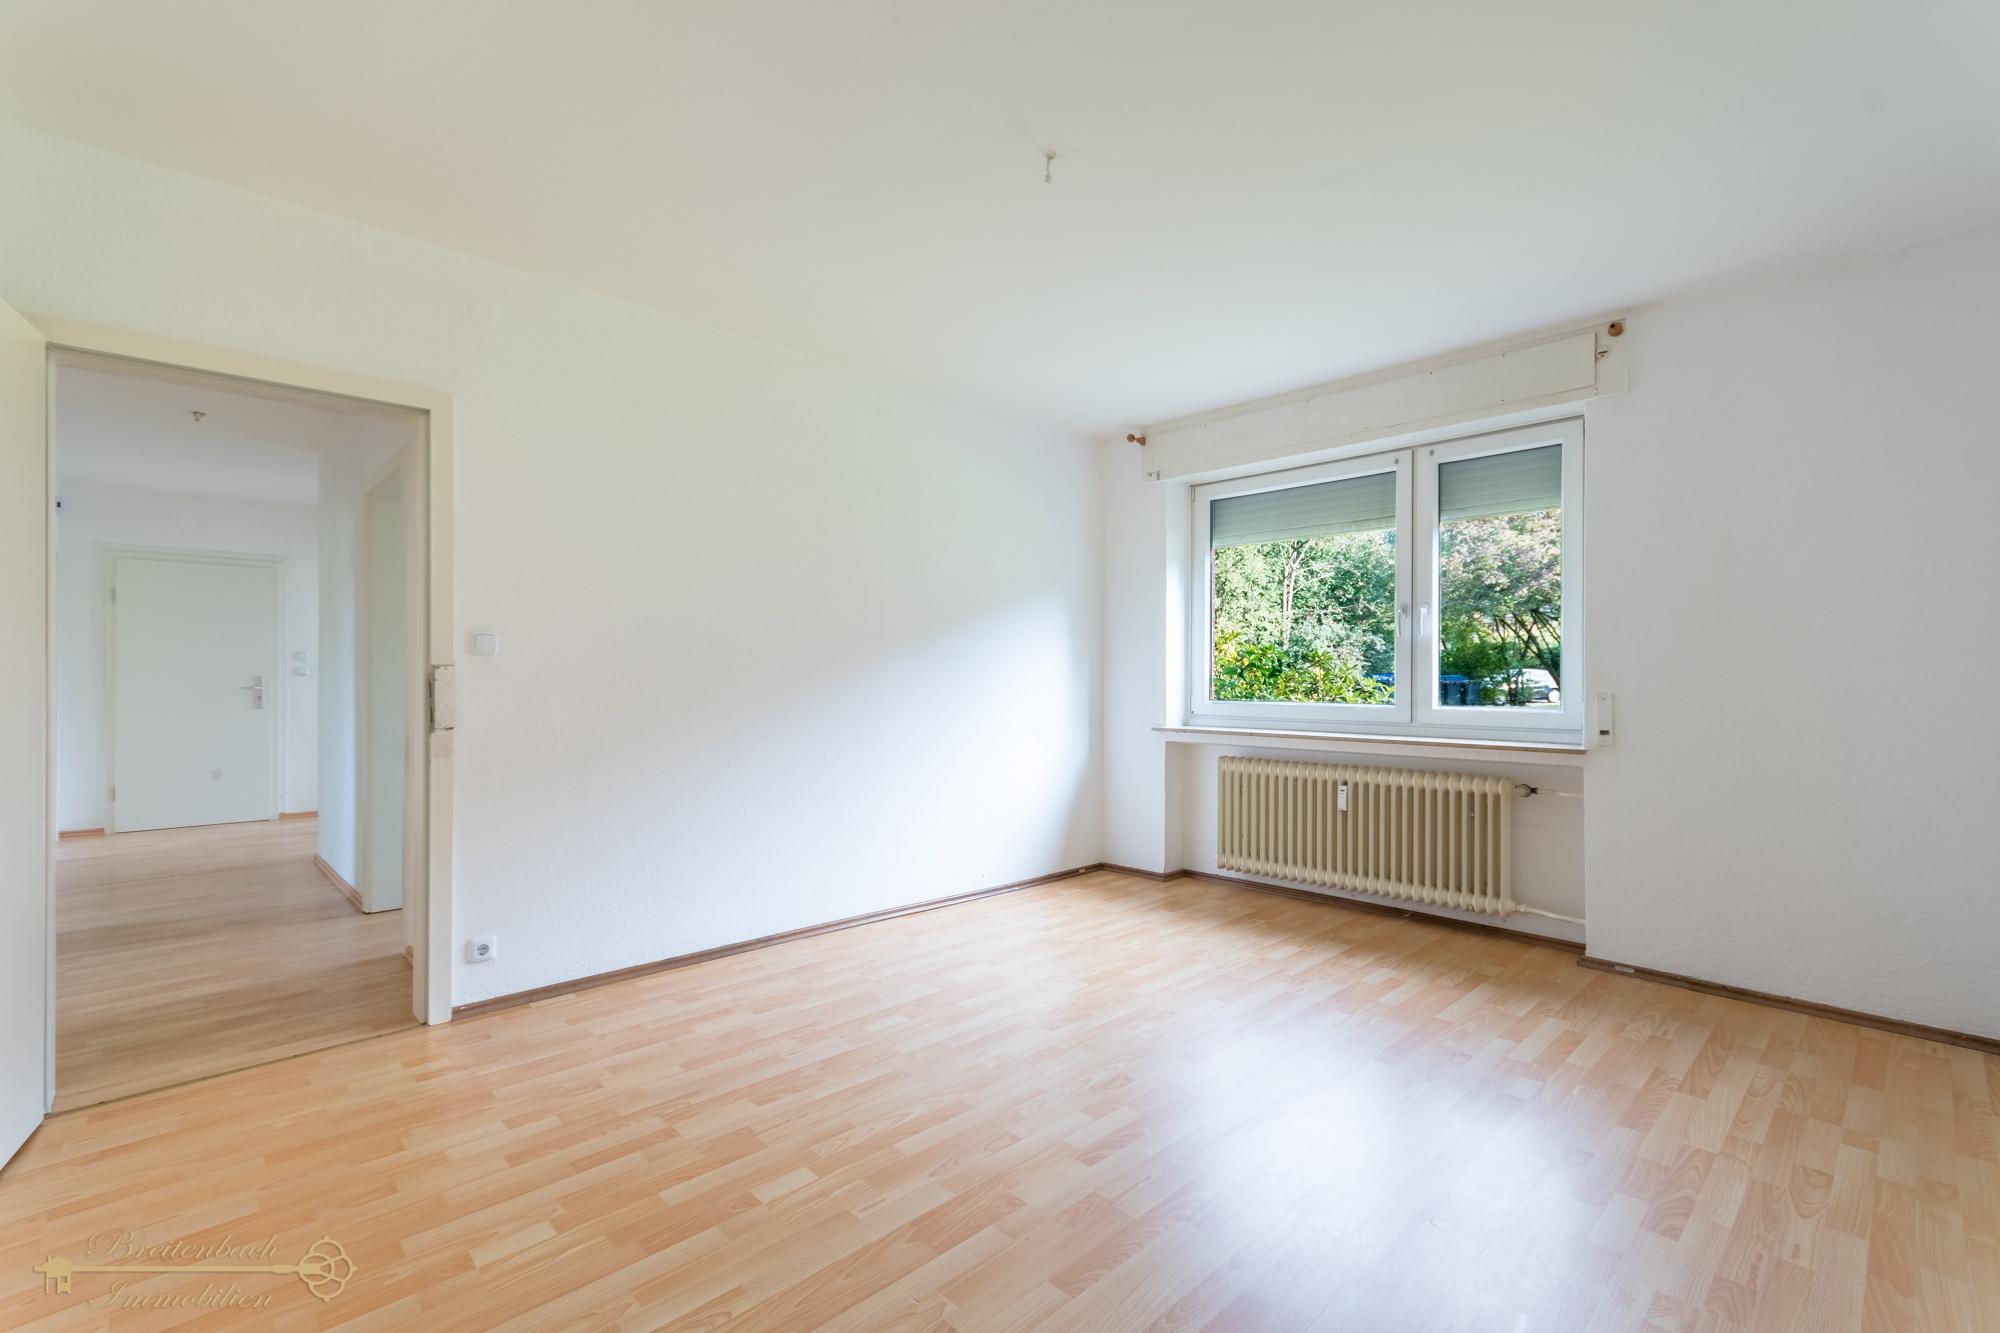 2020-09-26-Breitenbach-Immobilien-12